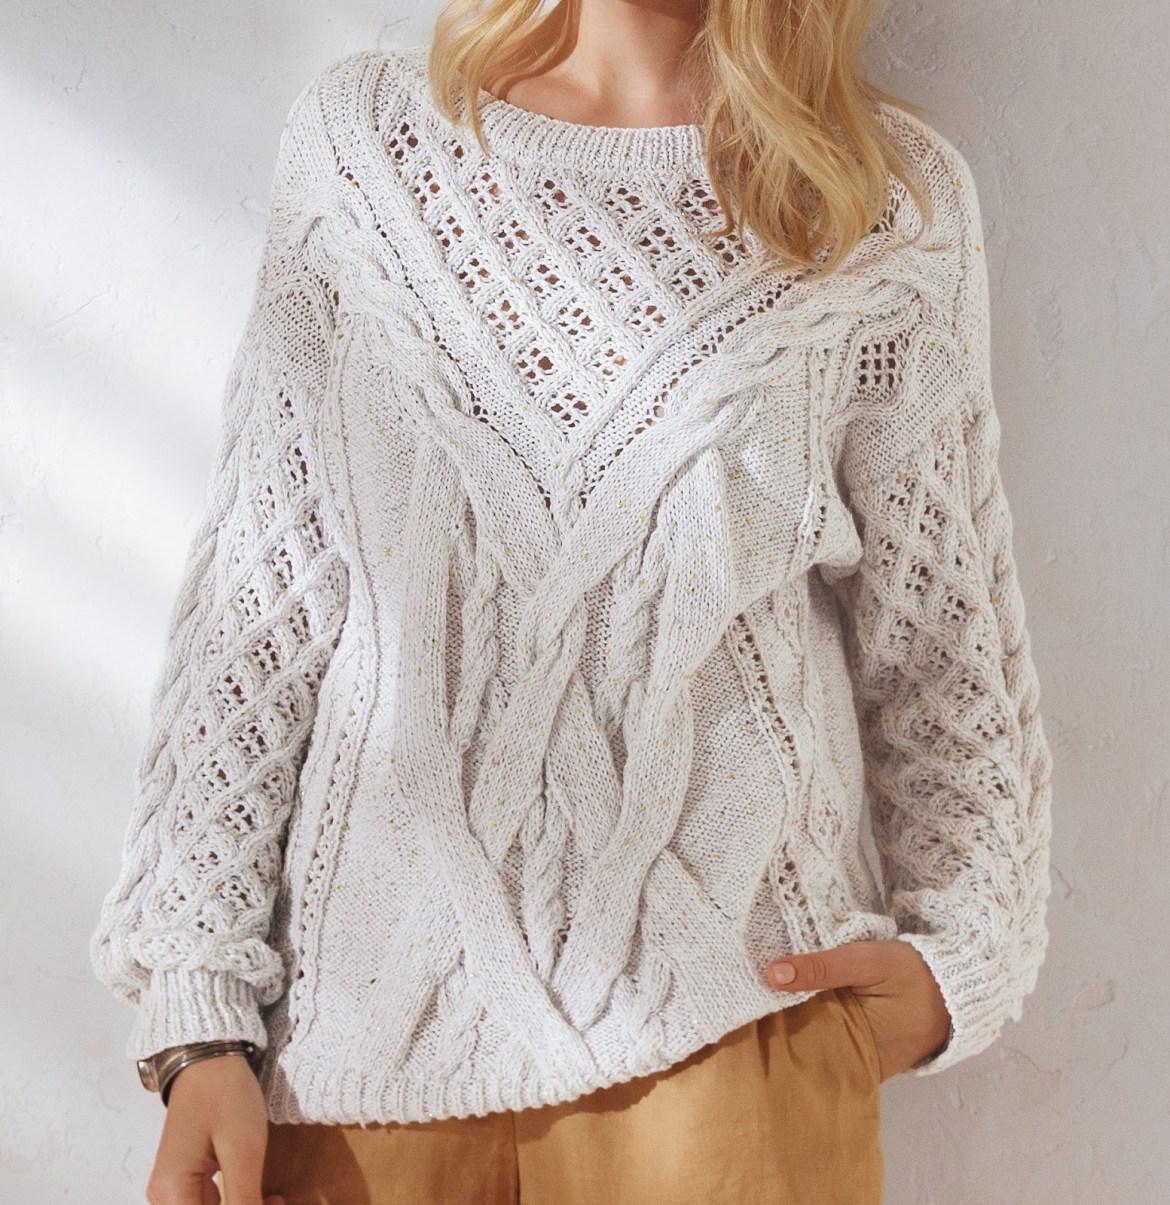 Как связать красивый свитер спицами